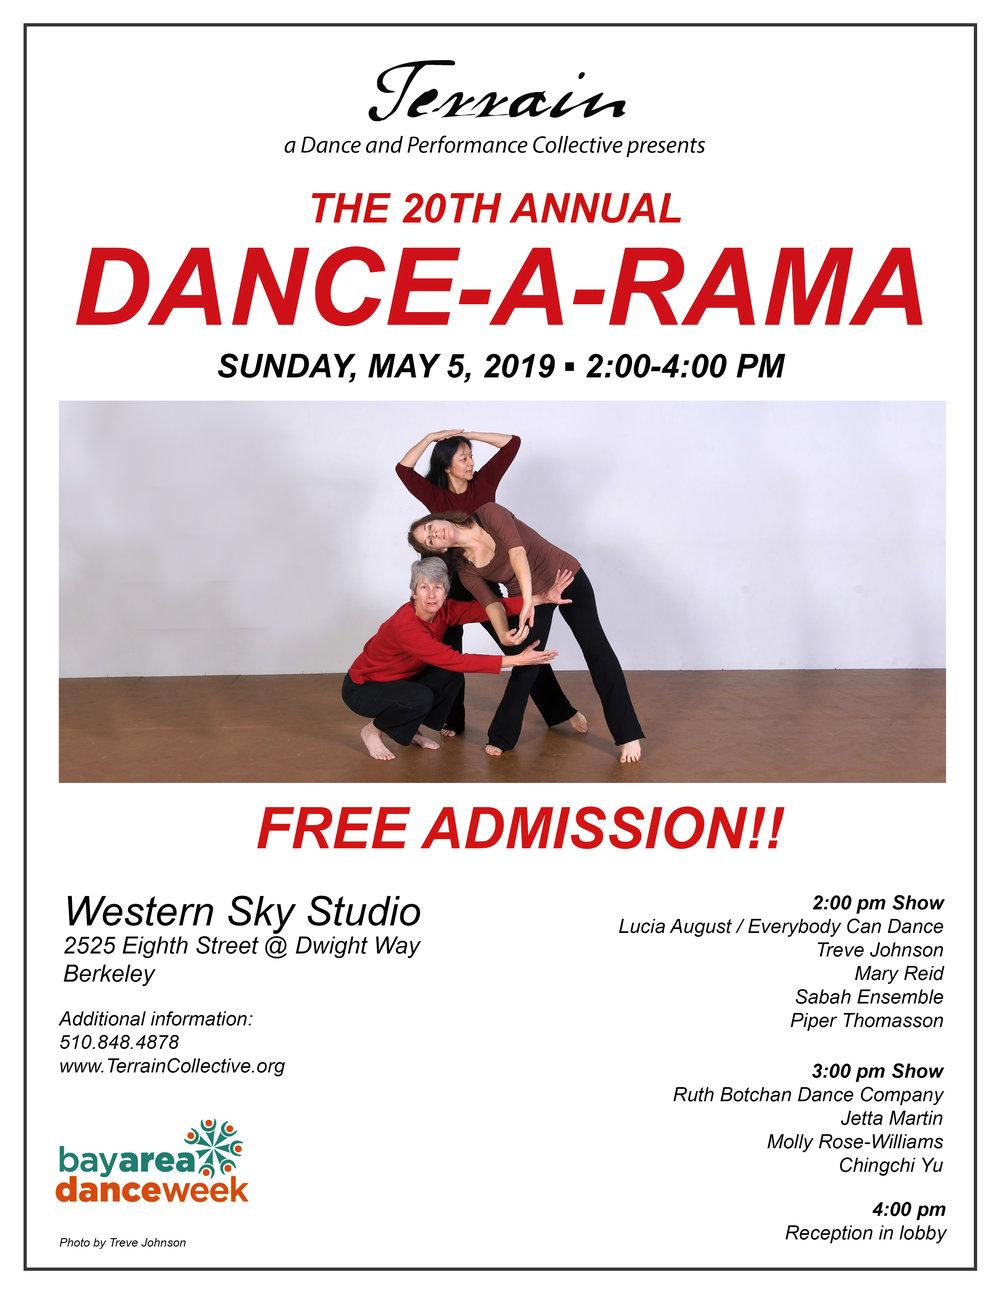 dancearama flyer 2019-2.jpg